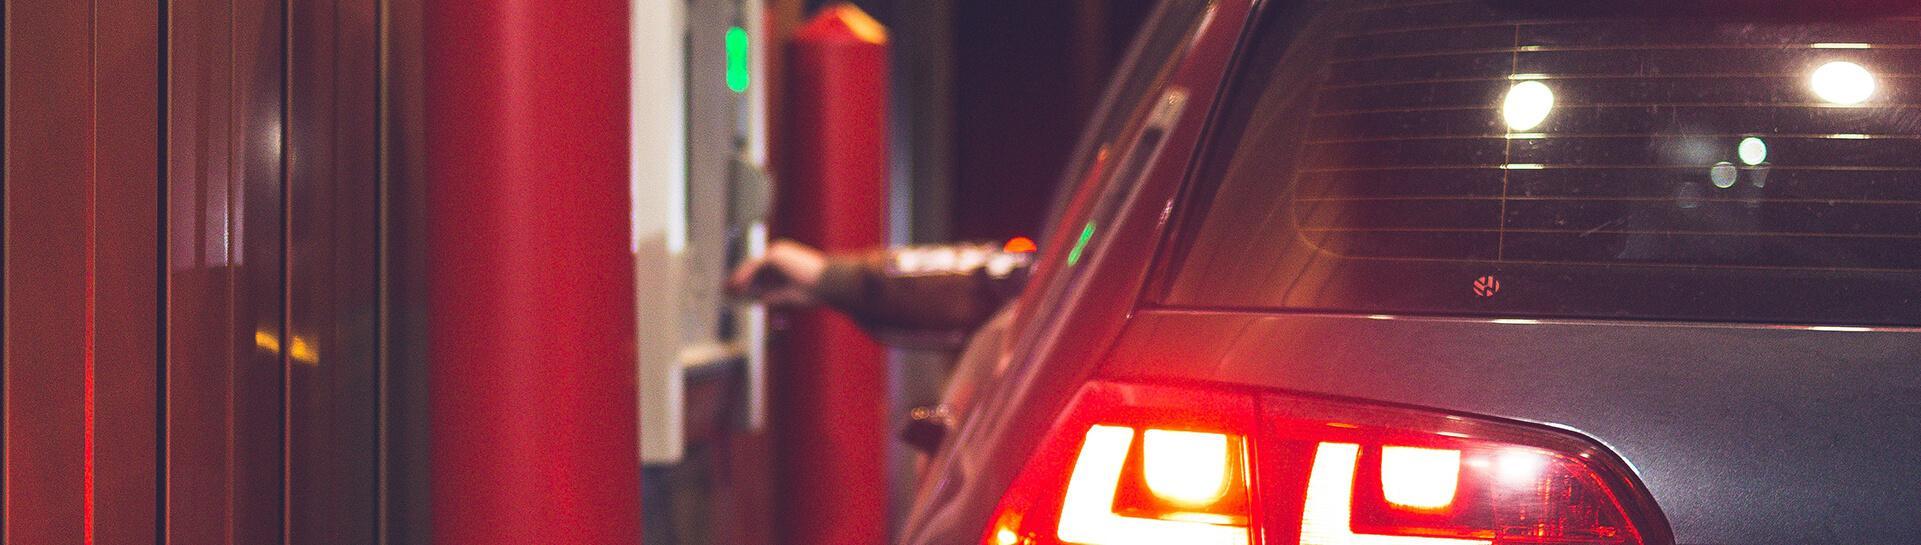 A person in their car using an ATM